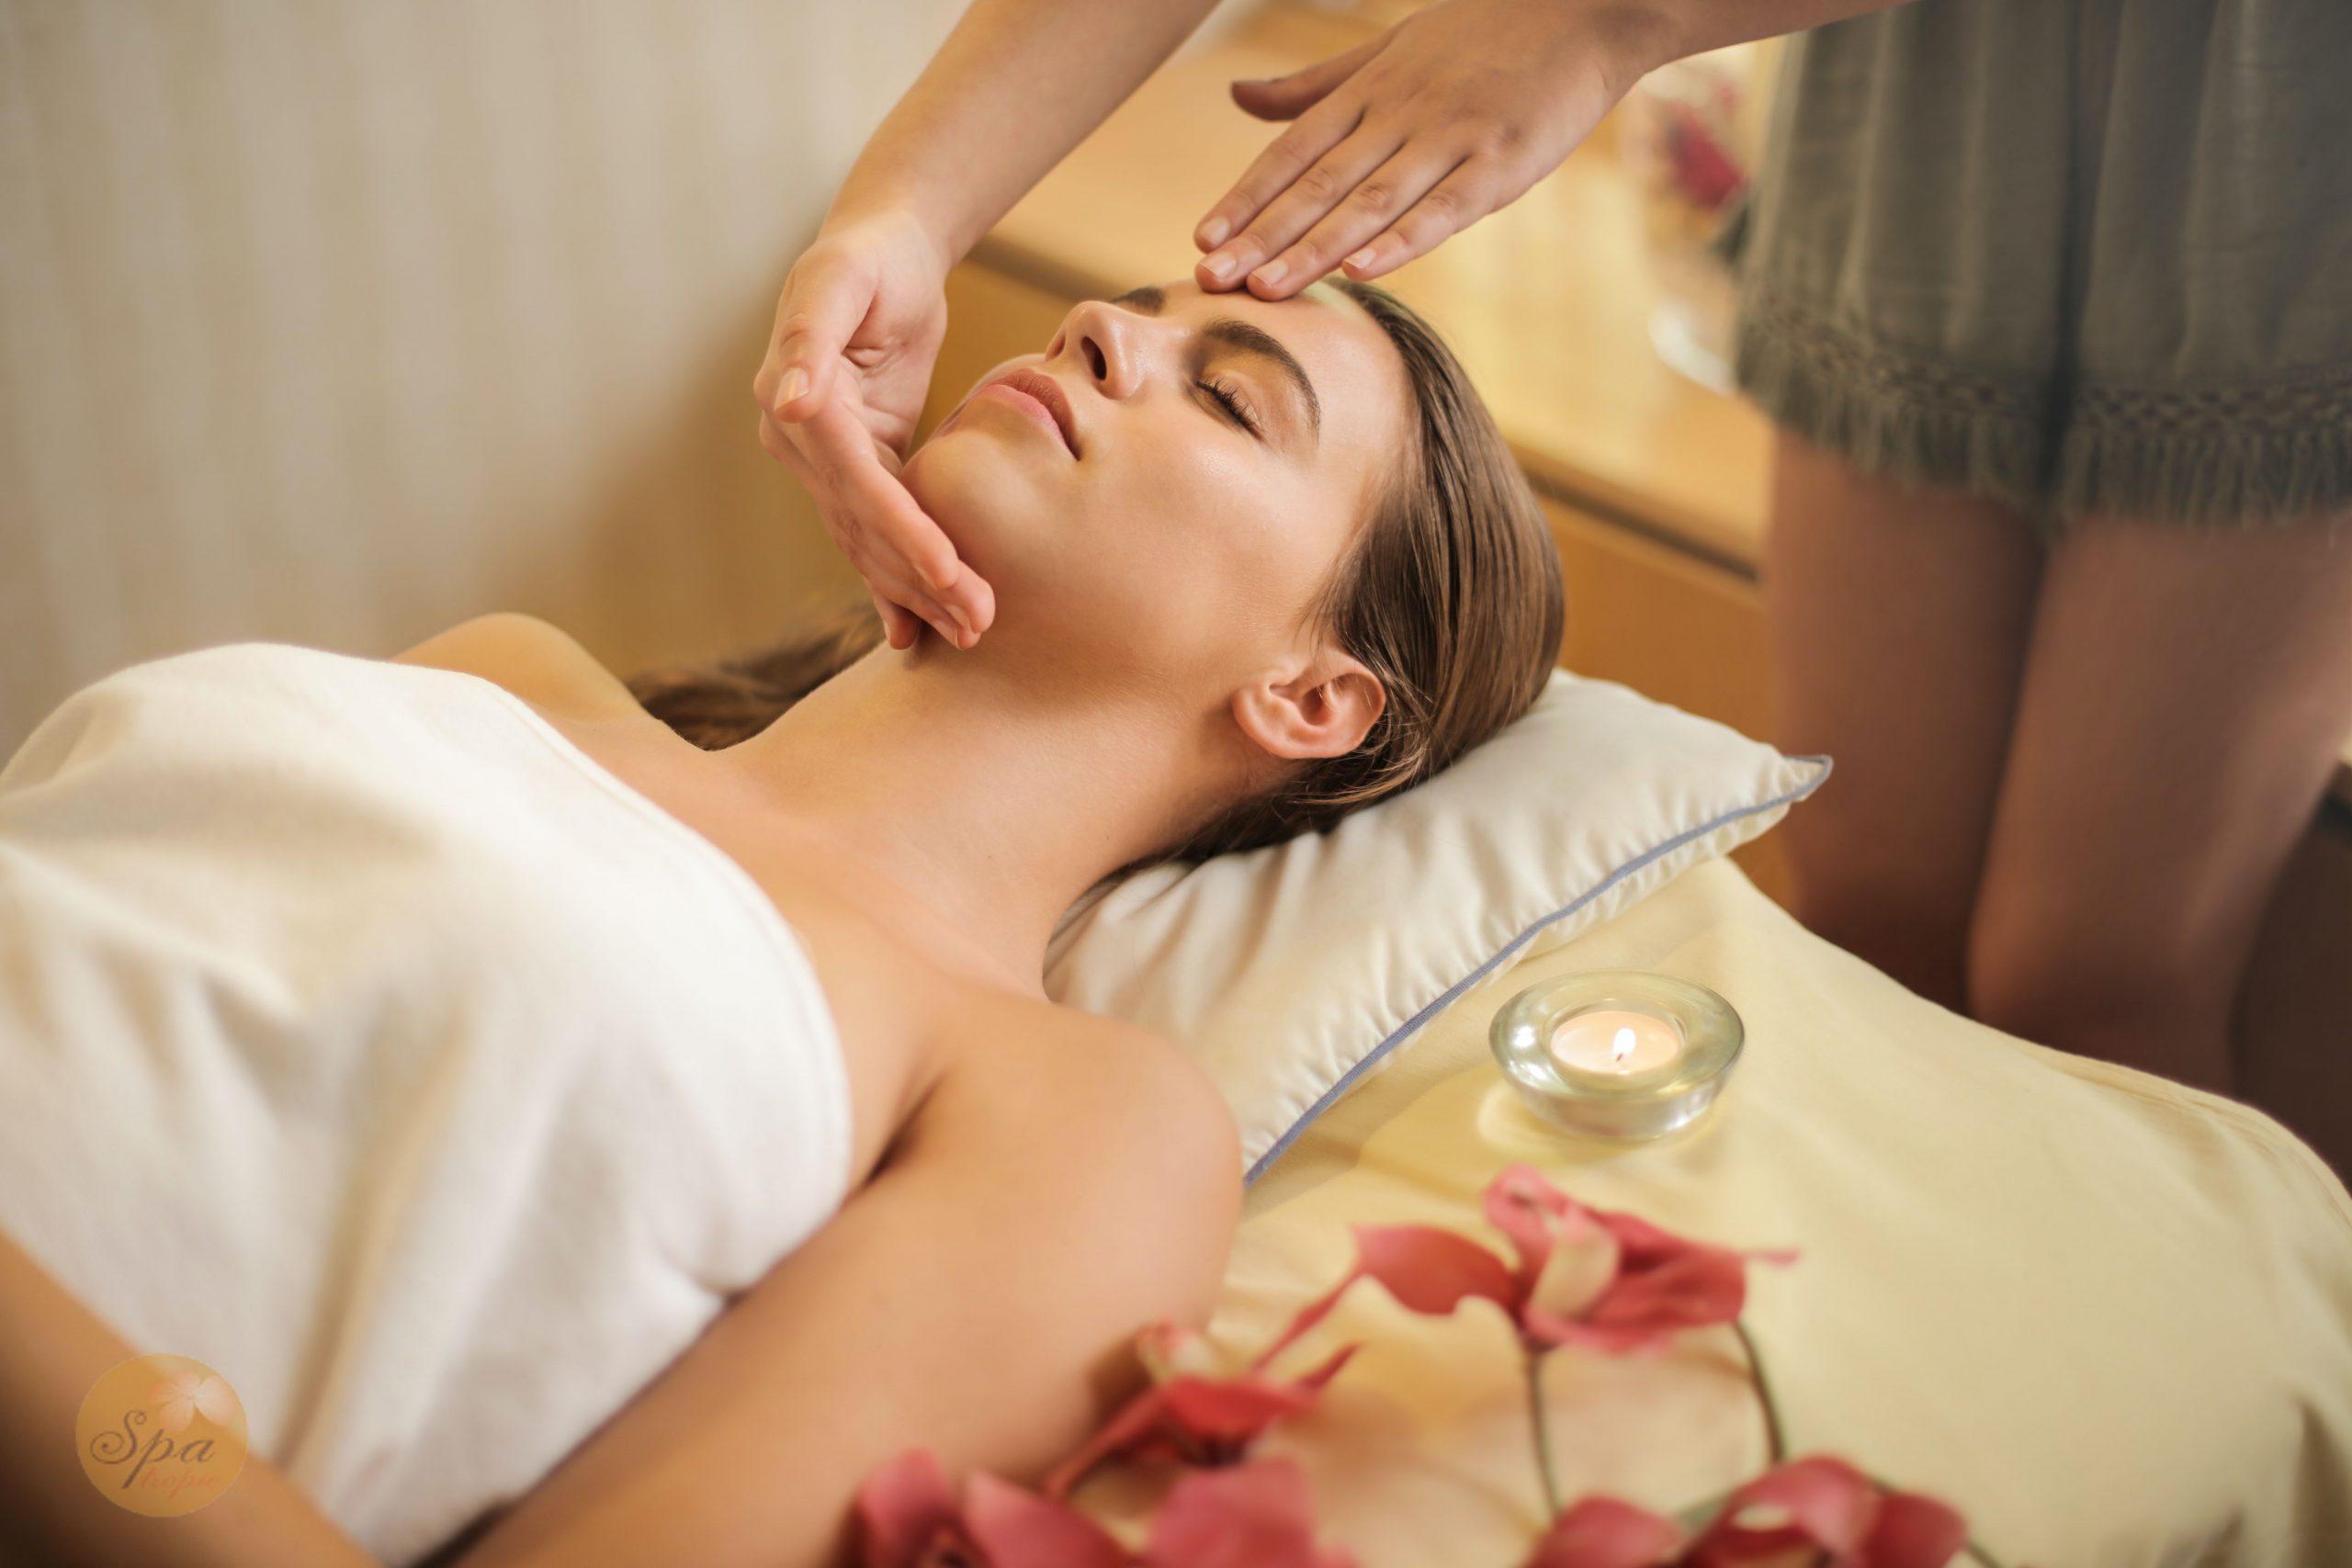 Dịch vụ massage đầu tại địa chỉ Spa uy tín